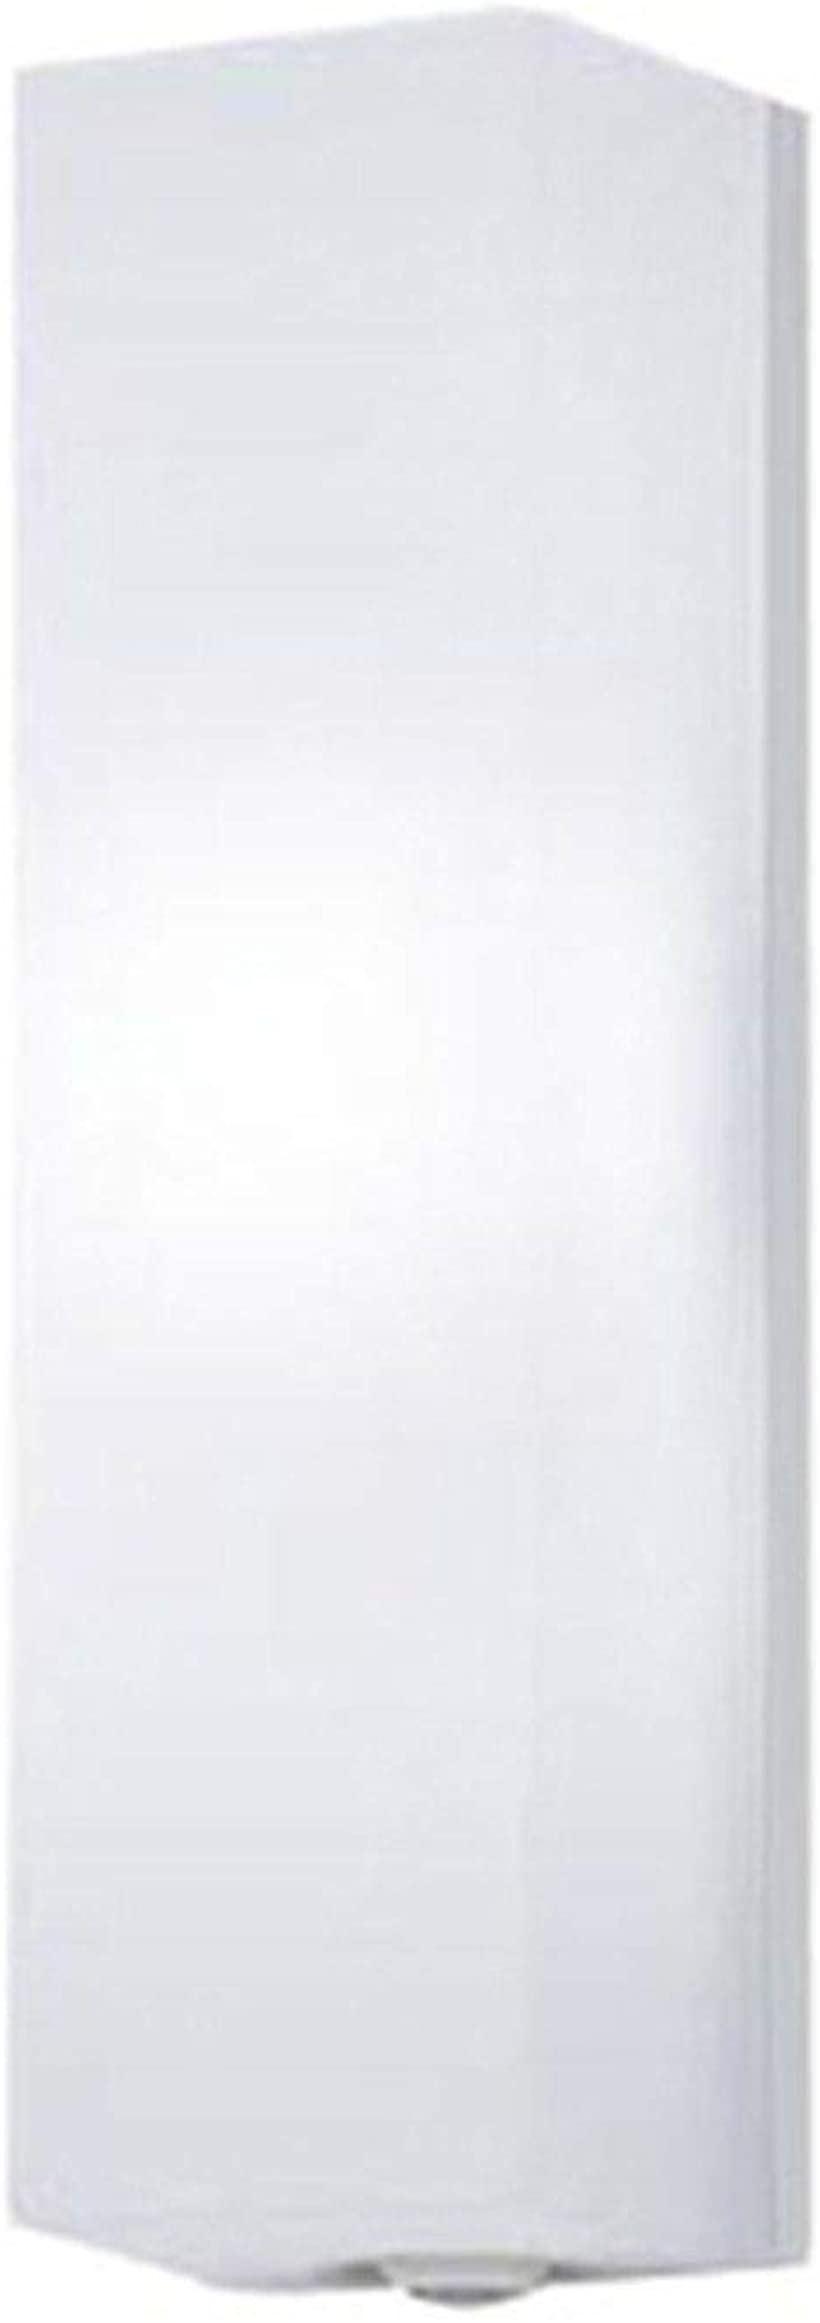 LED ポーチライト 壁直付型 40形 昼白色